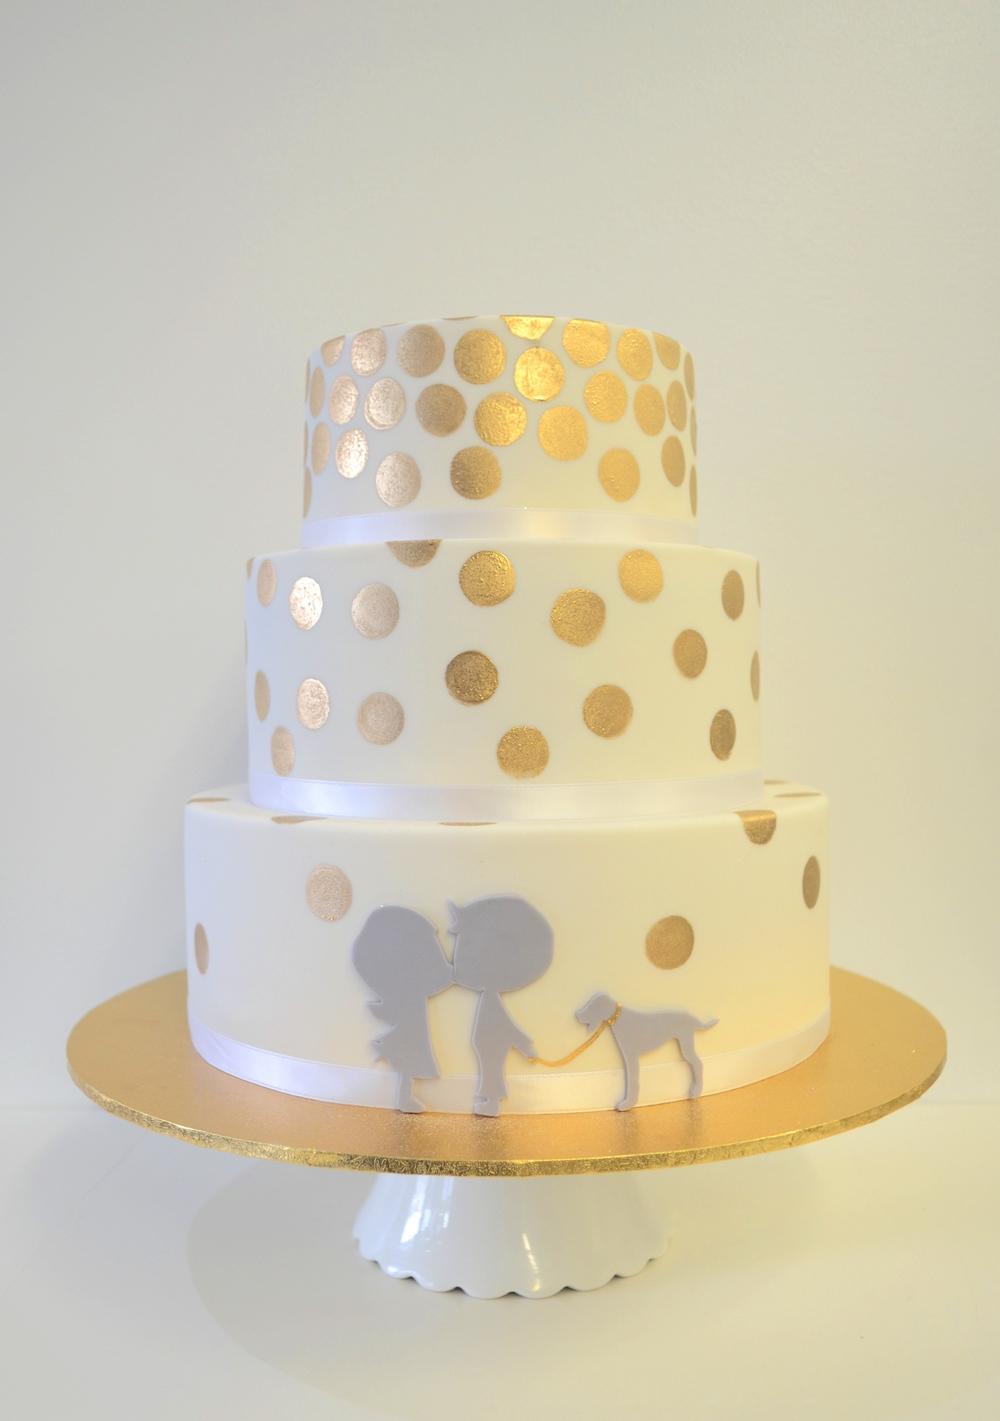 Vanilla Pod fondant wedding cake with gold confetti and sillouettes (2).JPG